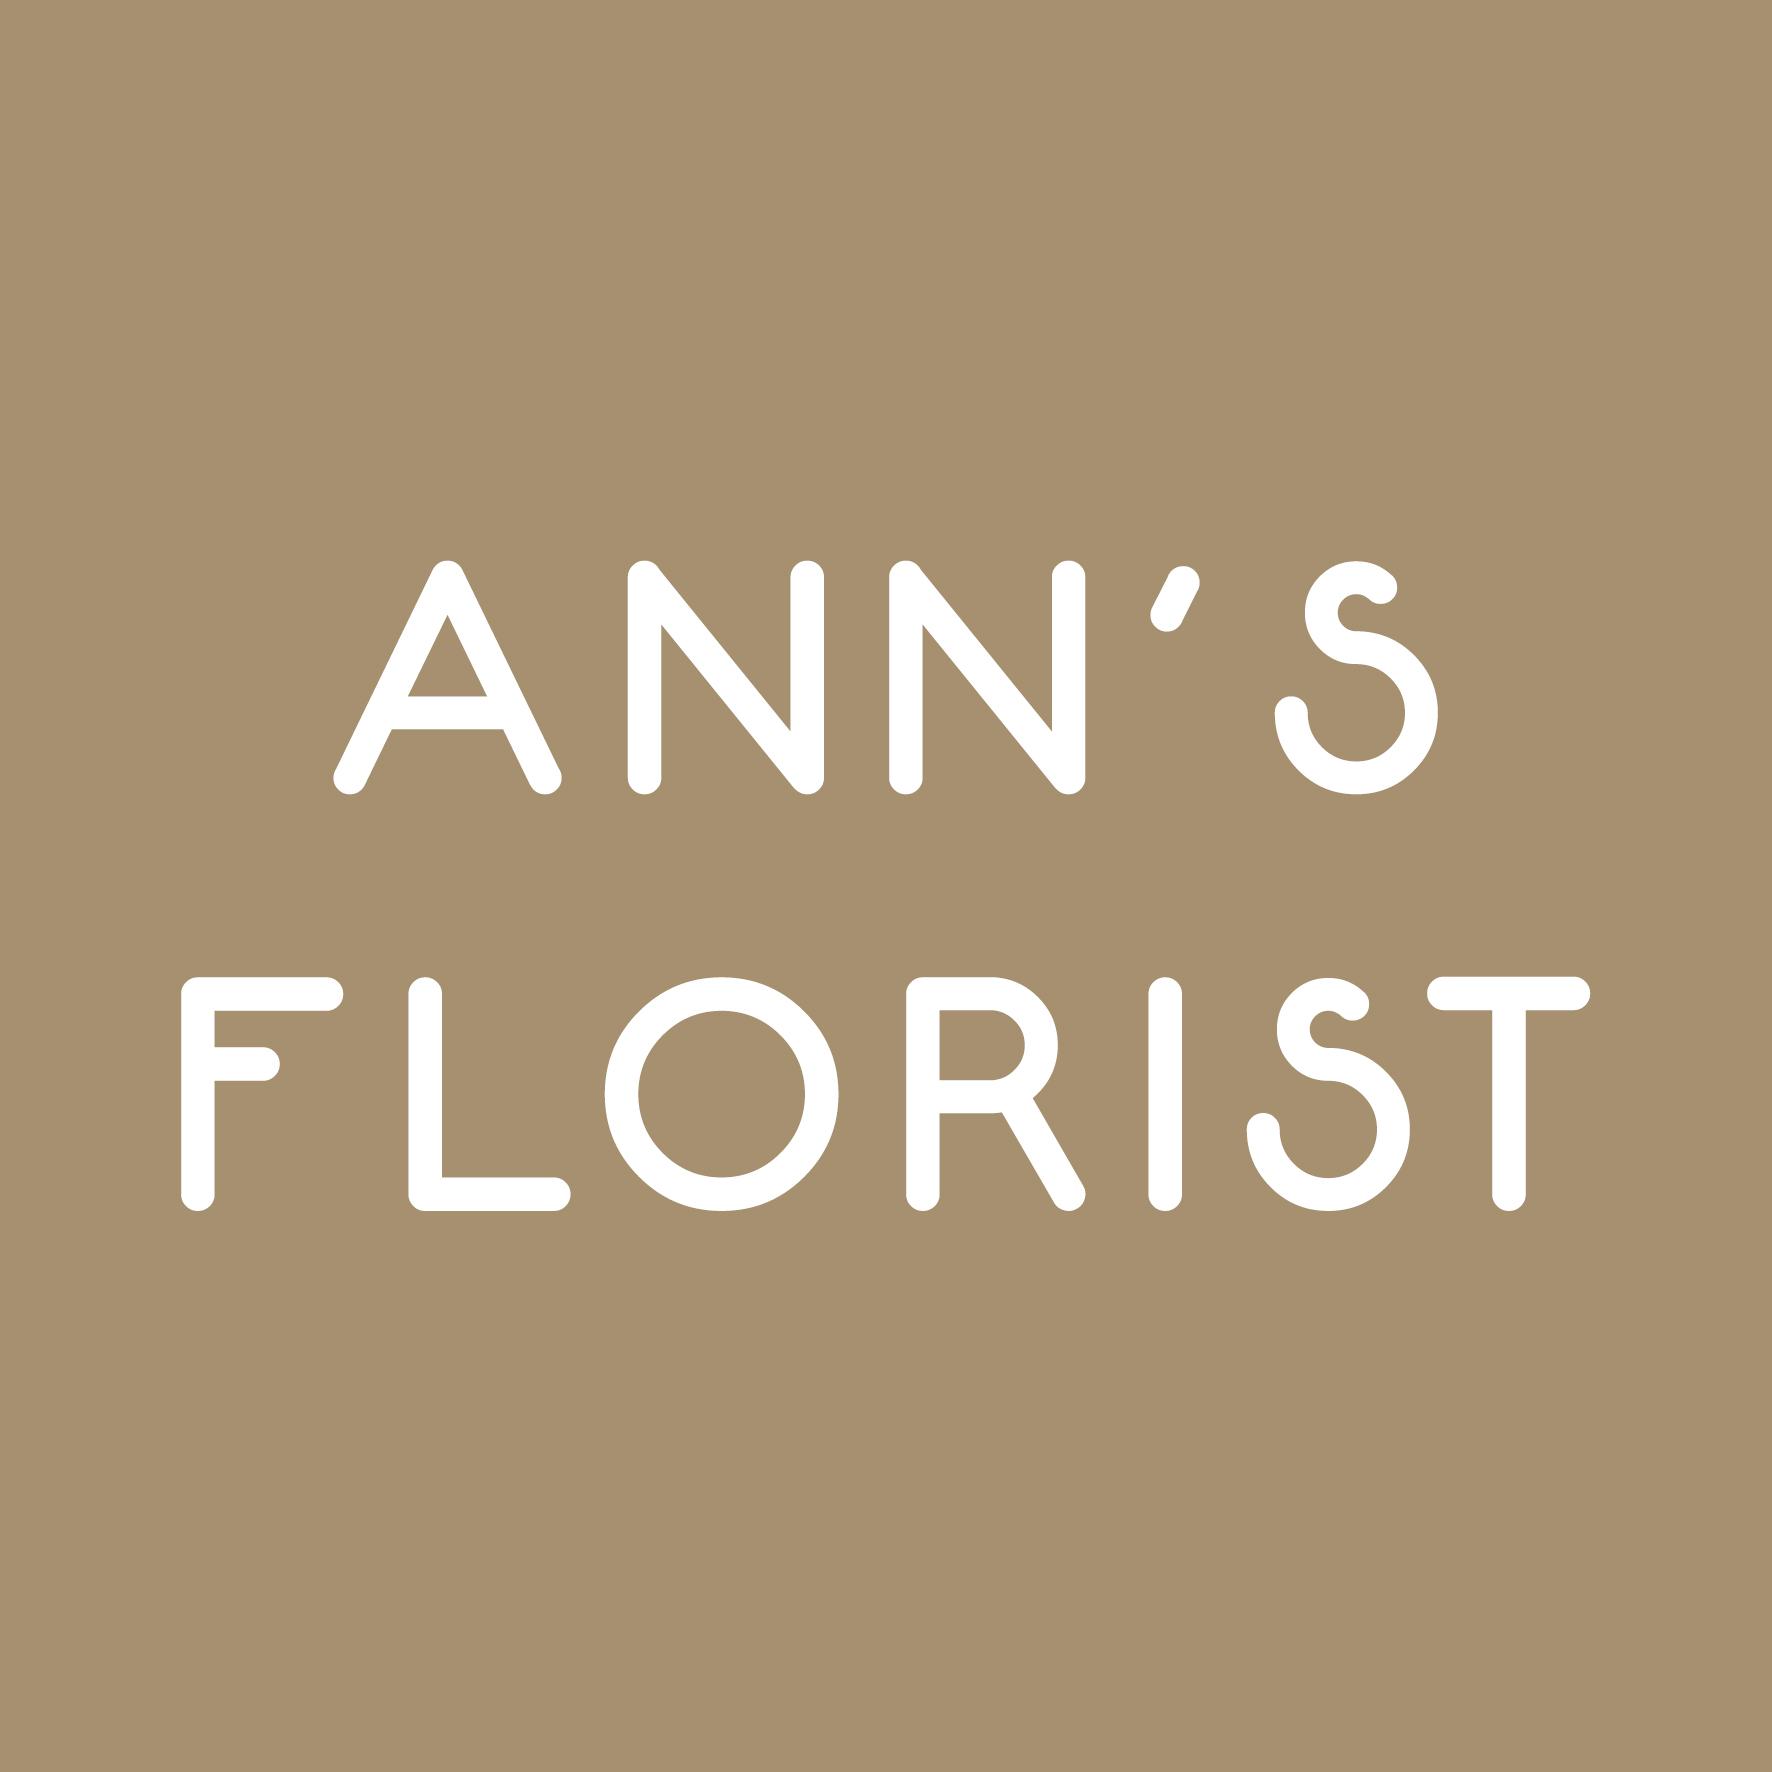 Ann's Florist